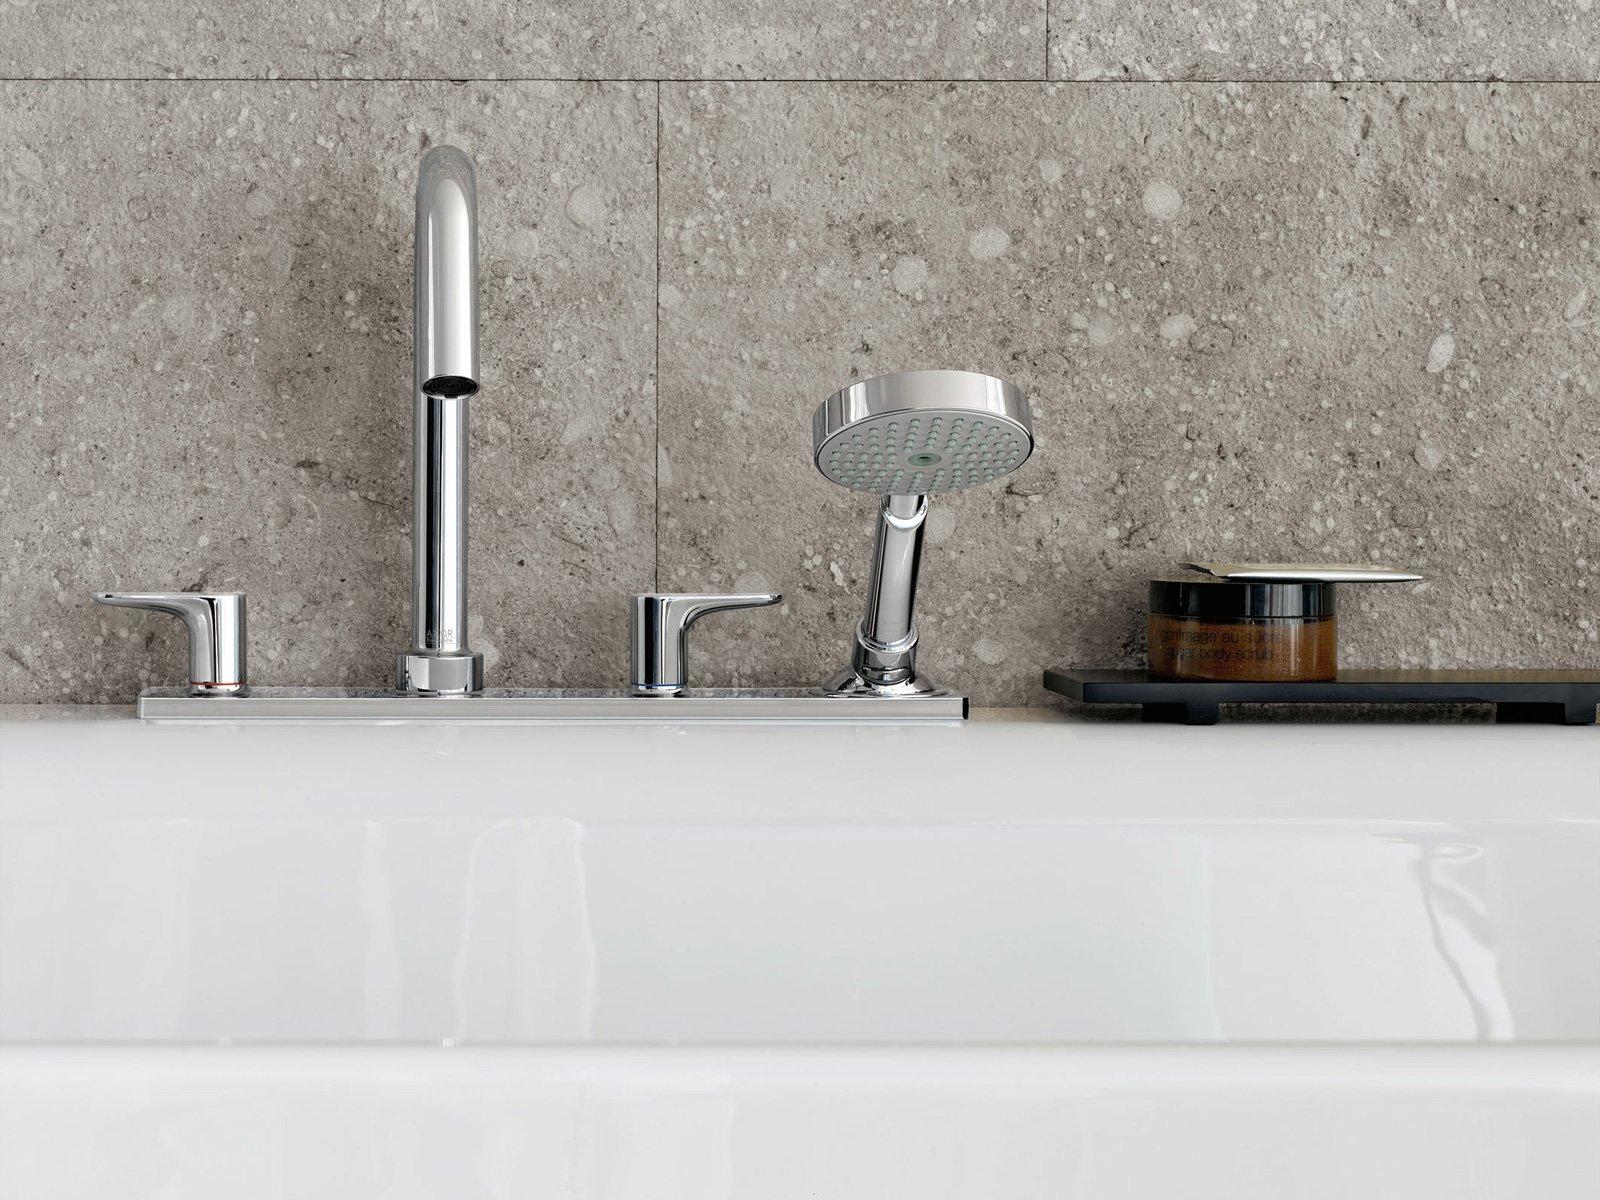 Vasca Da Bagno Litri : Rubinetteria per la vasca cose di casa